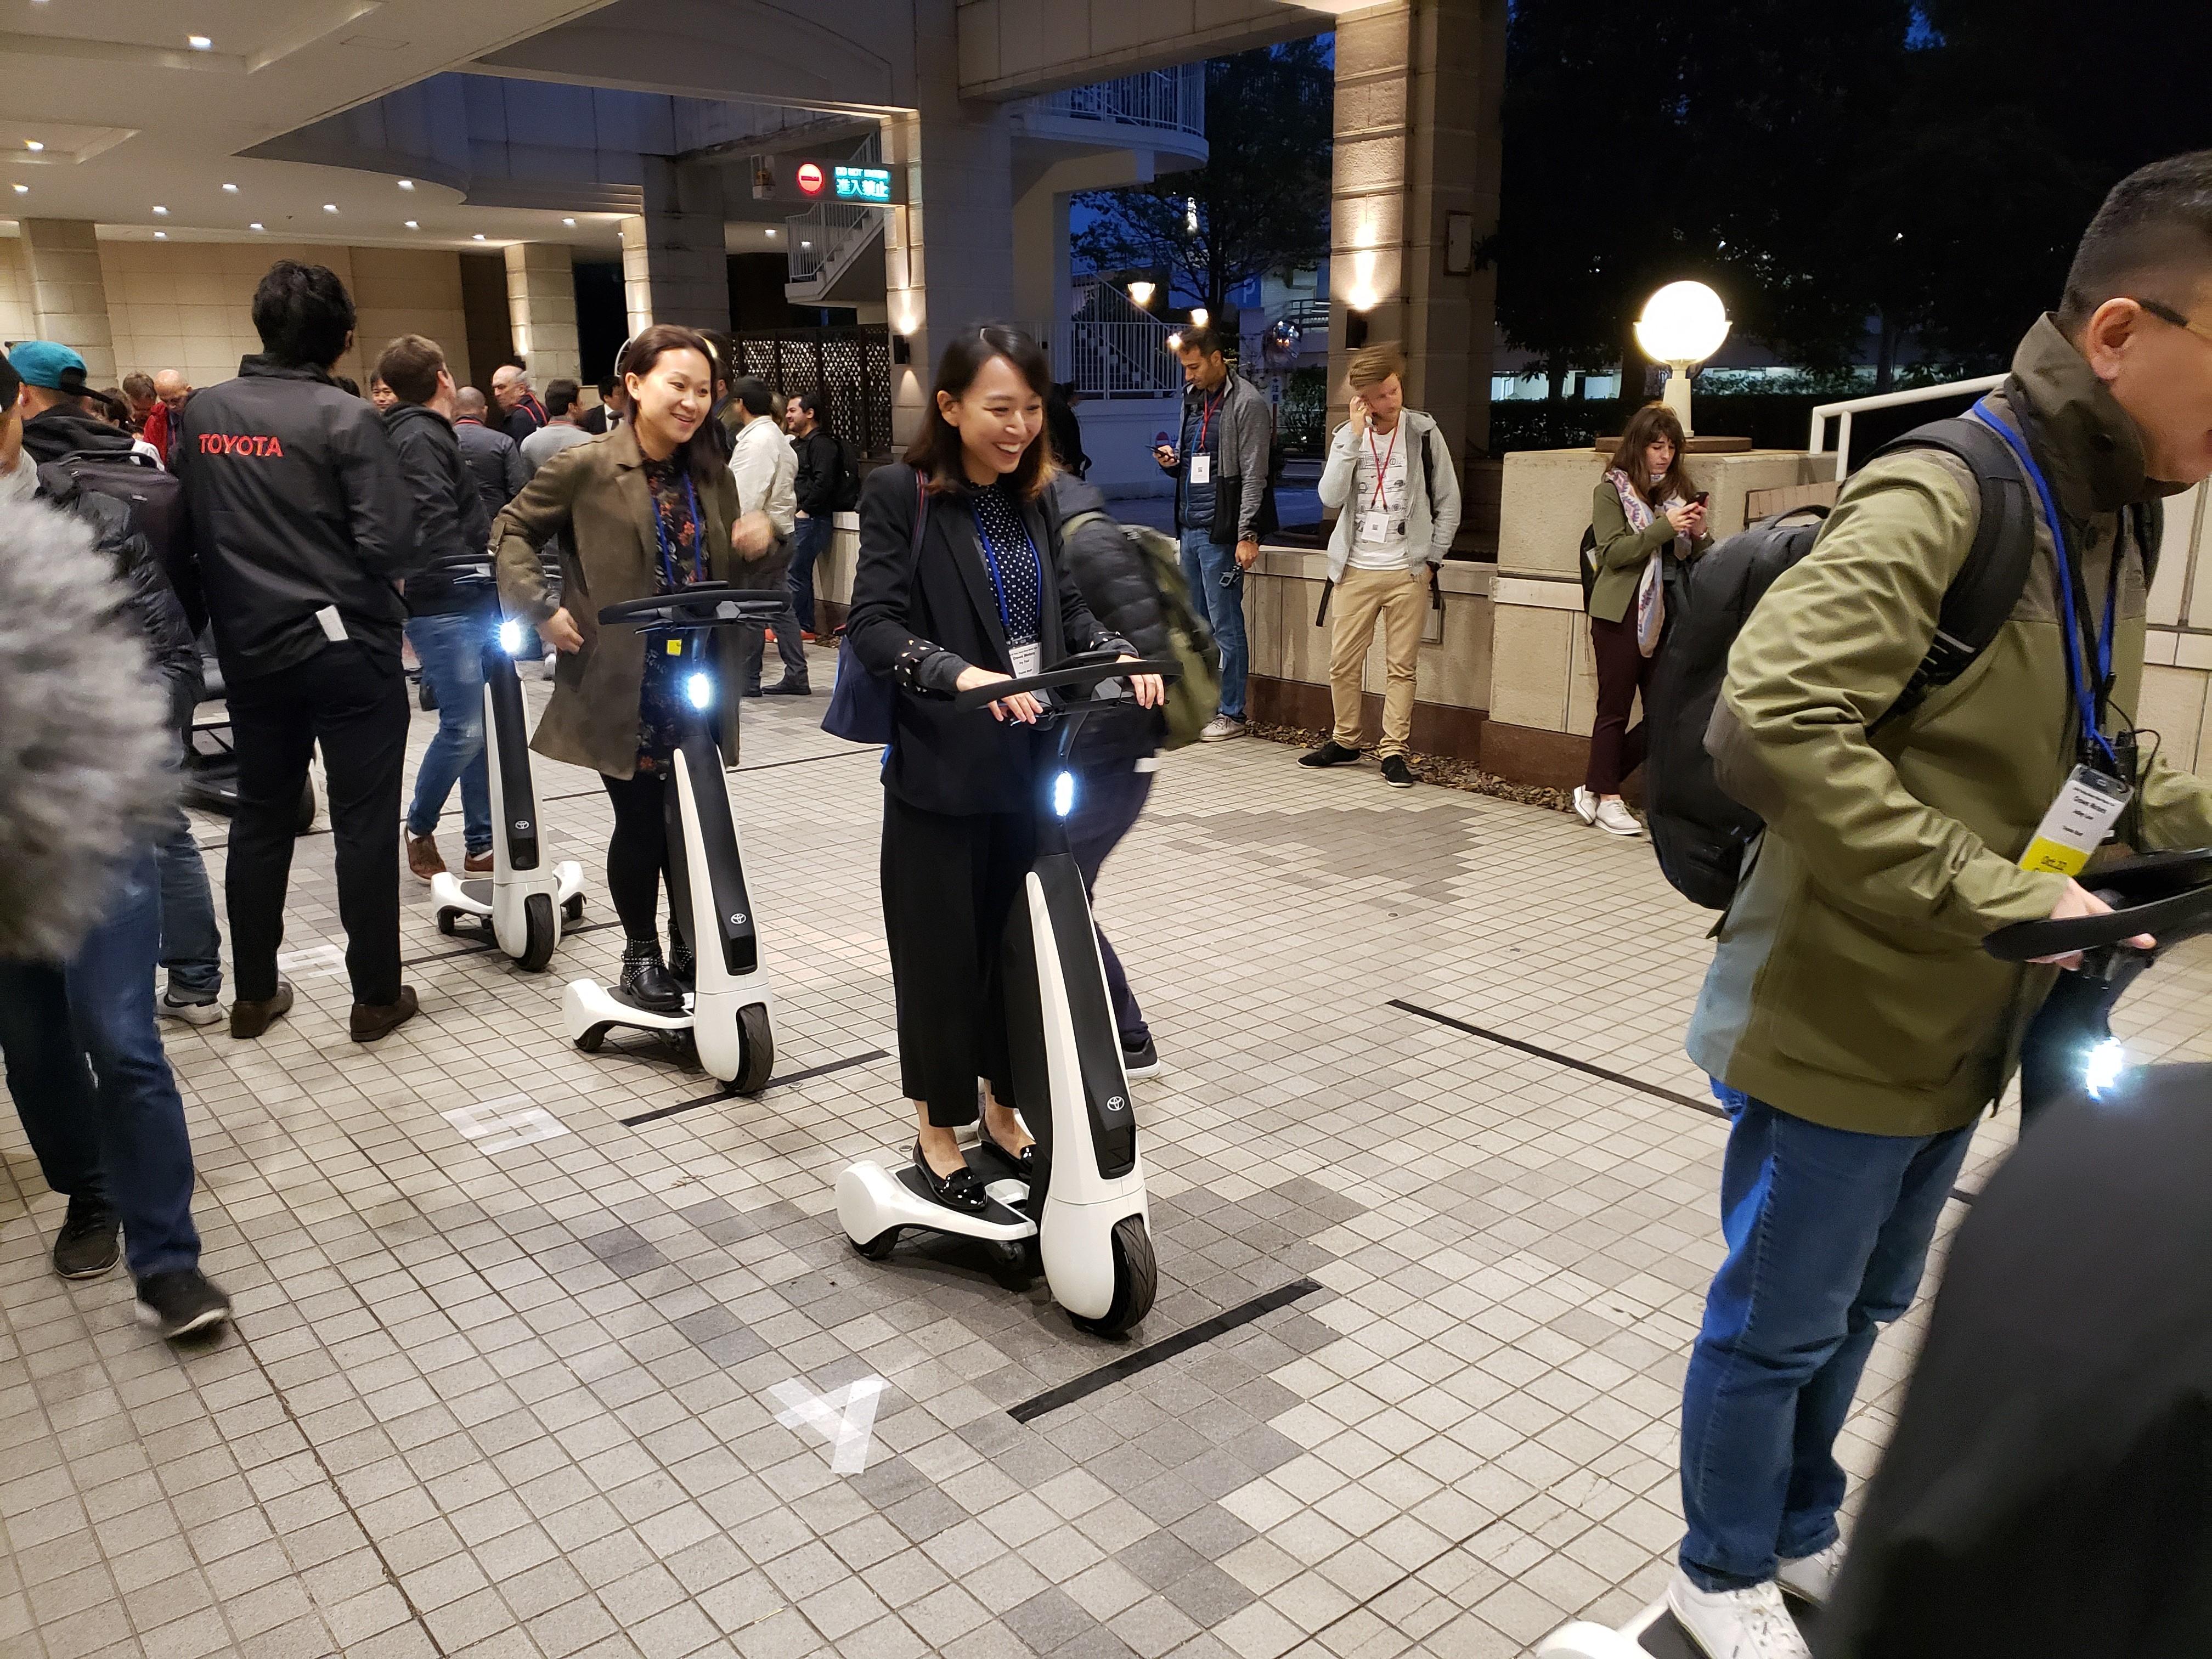 Toyota vai lançar 'patinete' elétrico em 2020 e quer virar empresa de mobilidade - Notícias - Plantão Diário